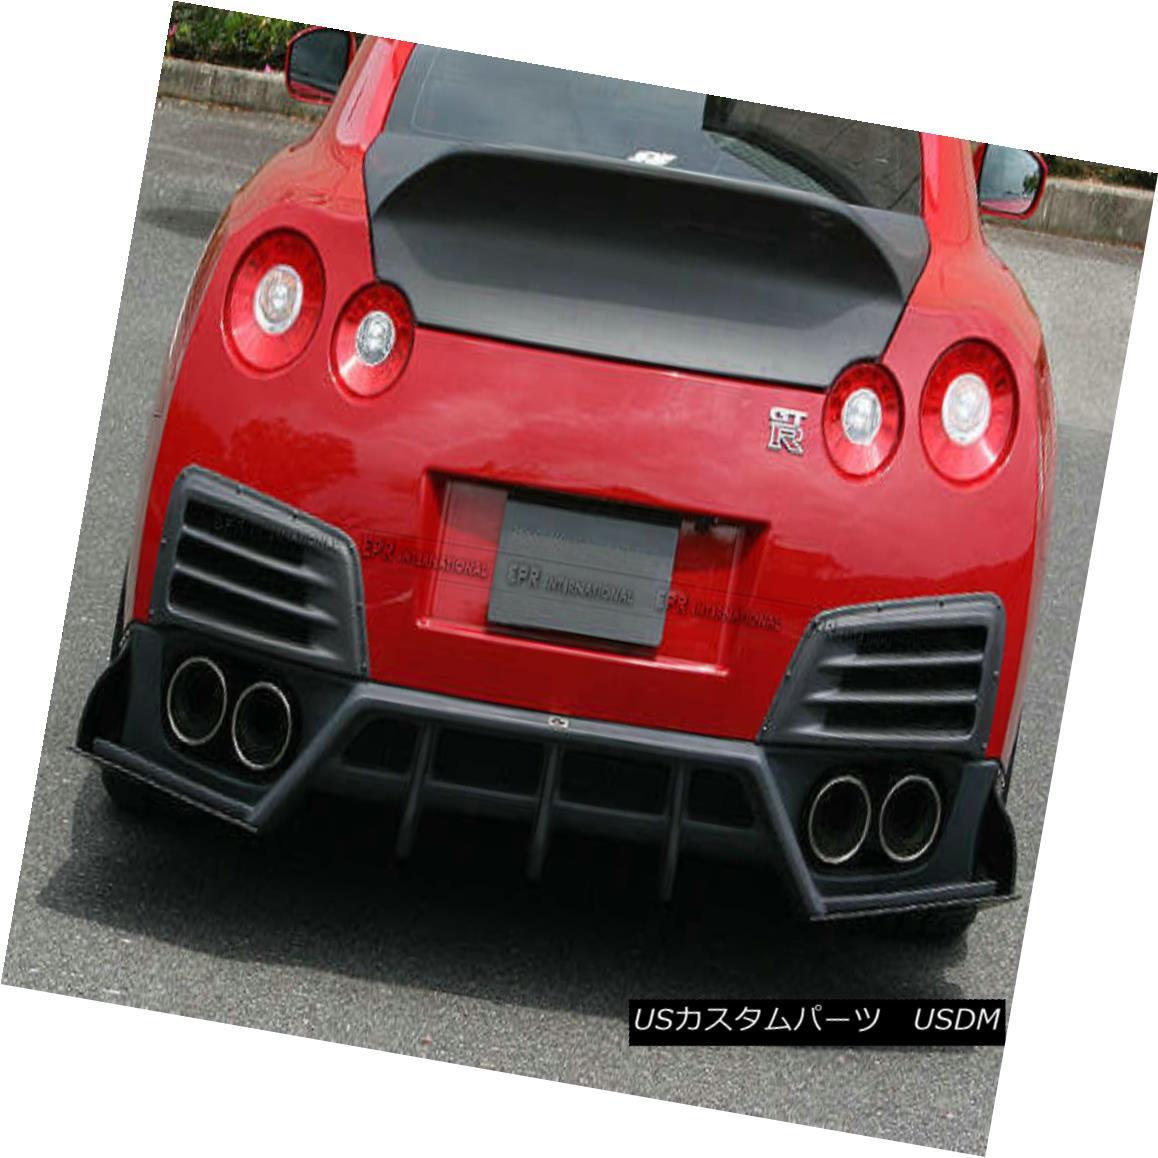 エアロパーツ ABC 2pcs Rear Bumper Duct For Nissan Skyline R35 GTR 08-16 CS Style Carbon Fiber 日産スカイラインR35 GTR 08-16 CSスタイル炭素繊維のためのABC 2個の後部バンパーダクト